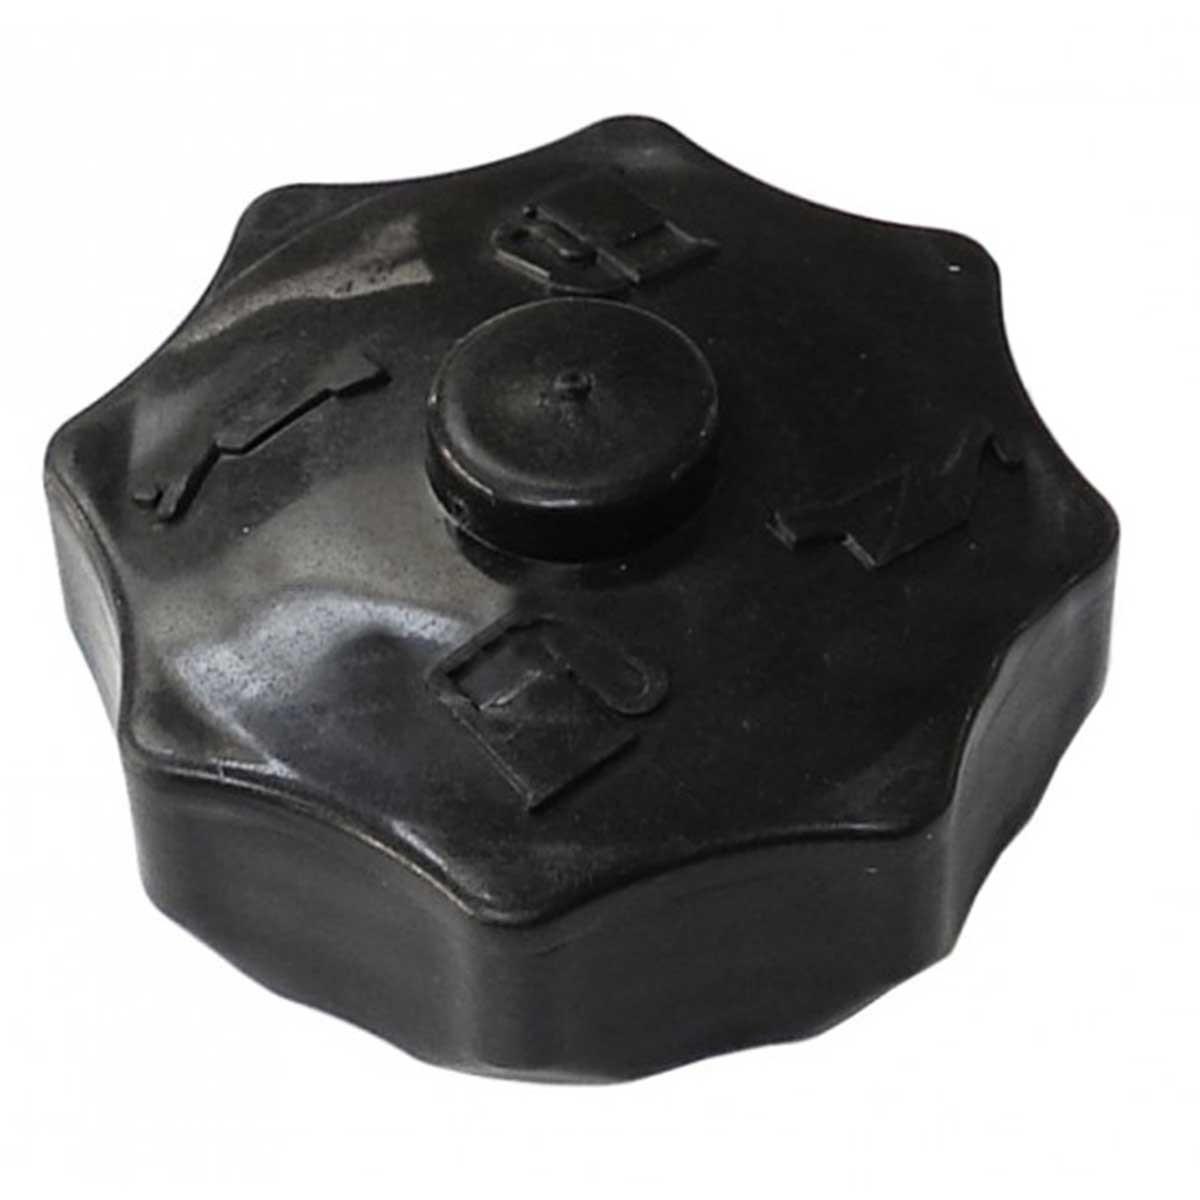 Wacker Gas Tank Cap rammers